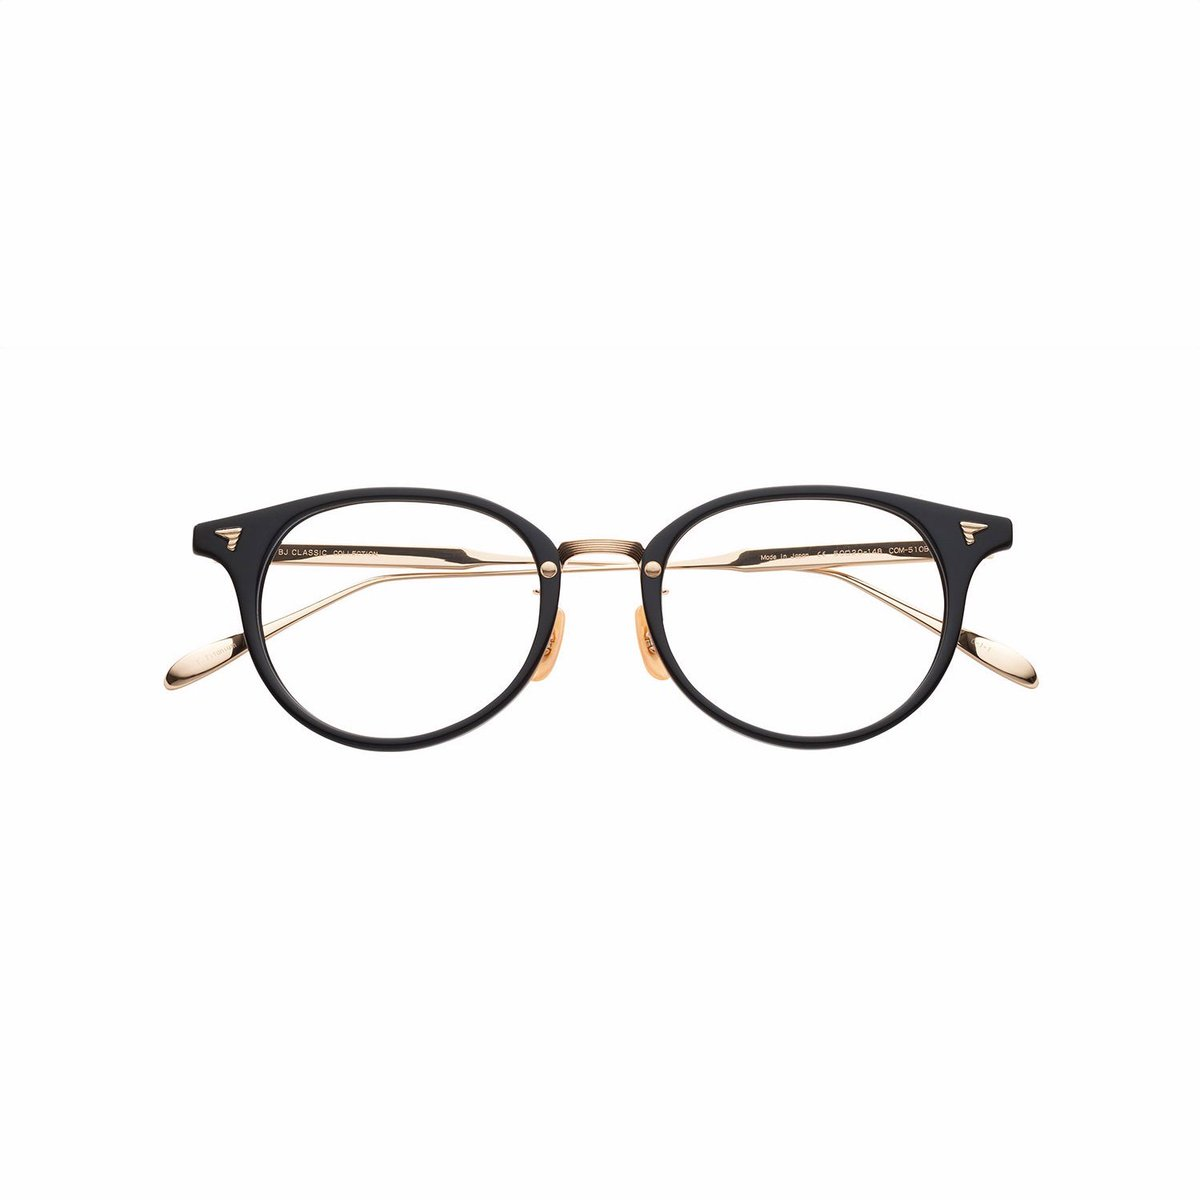 【#星野源 さん衣装】只今放送中の「#しゃべくり007」で、星野源さんが着用しているメガネはこちら。プライベートでも星野さんが愛用している福井県鯖江市に拠点を置くアイウェアブランド #BJCLASSIC のアイテムです。🔽詳細はこちら#しゃべくり #引っ越し大名